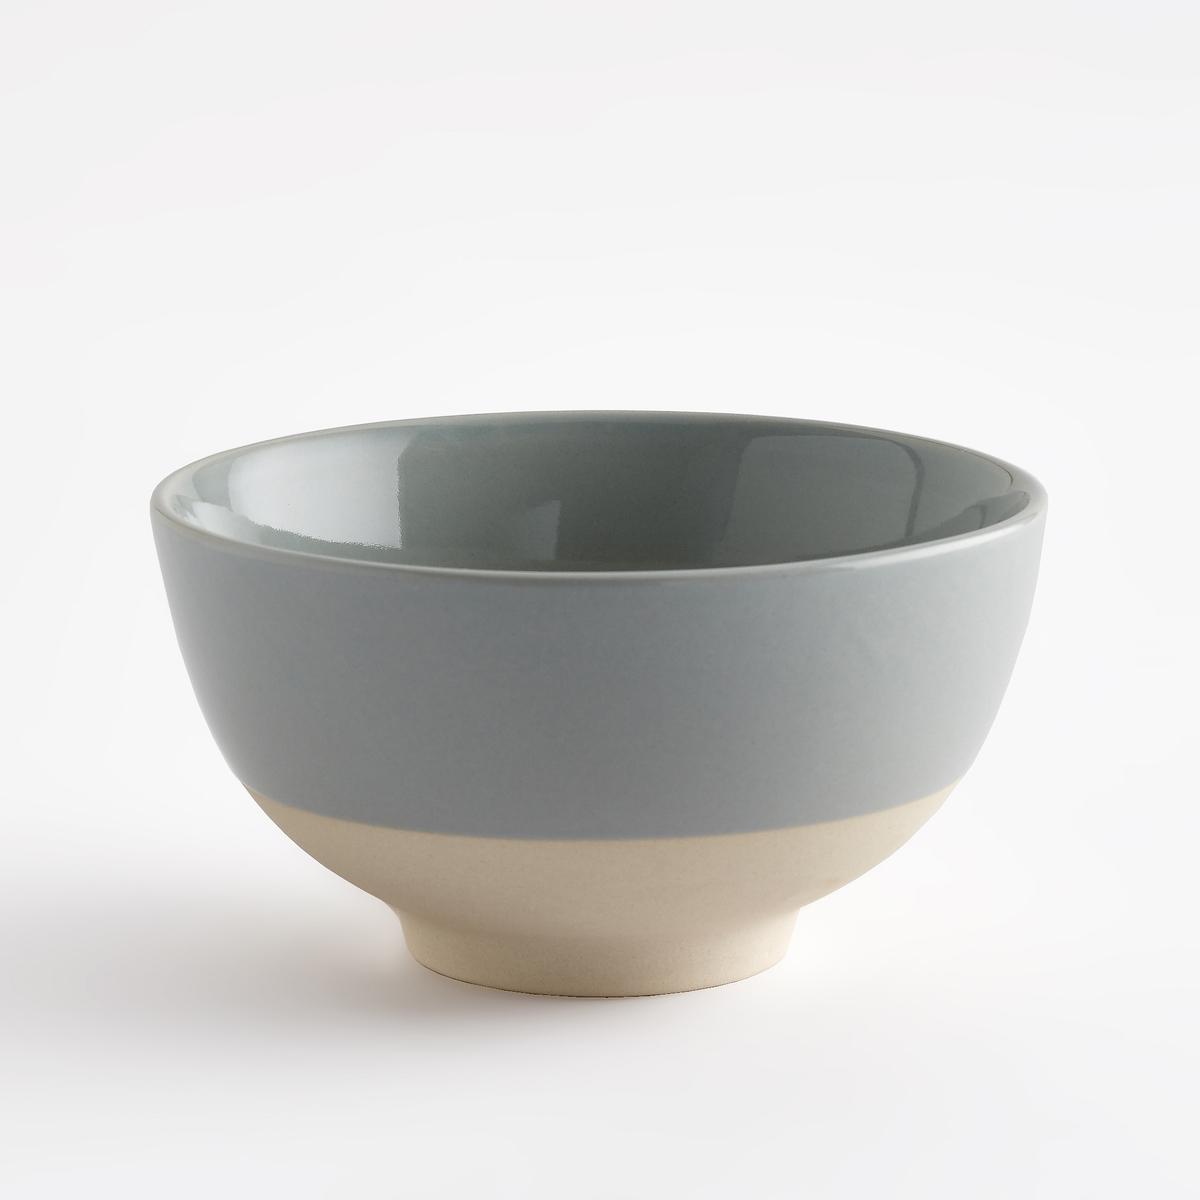 Комплект из 4 двухцветных мисок из керамики, Warota от La Redoute